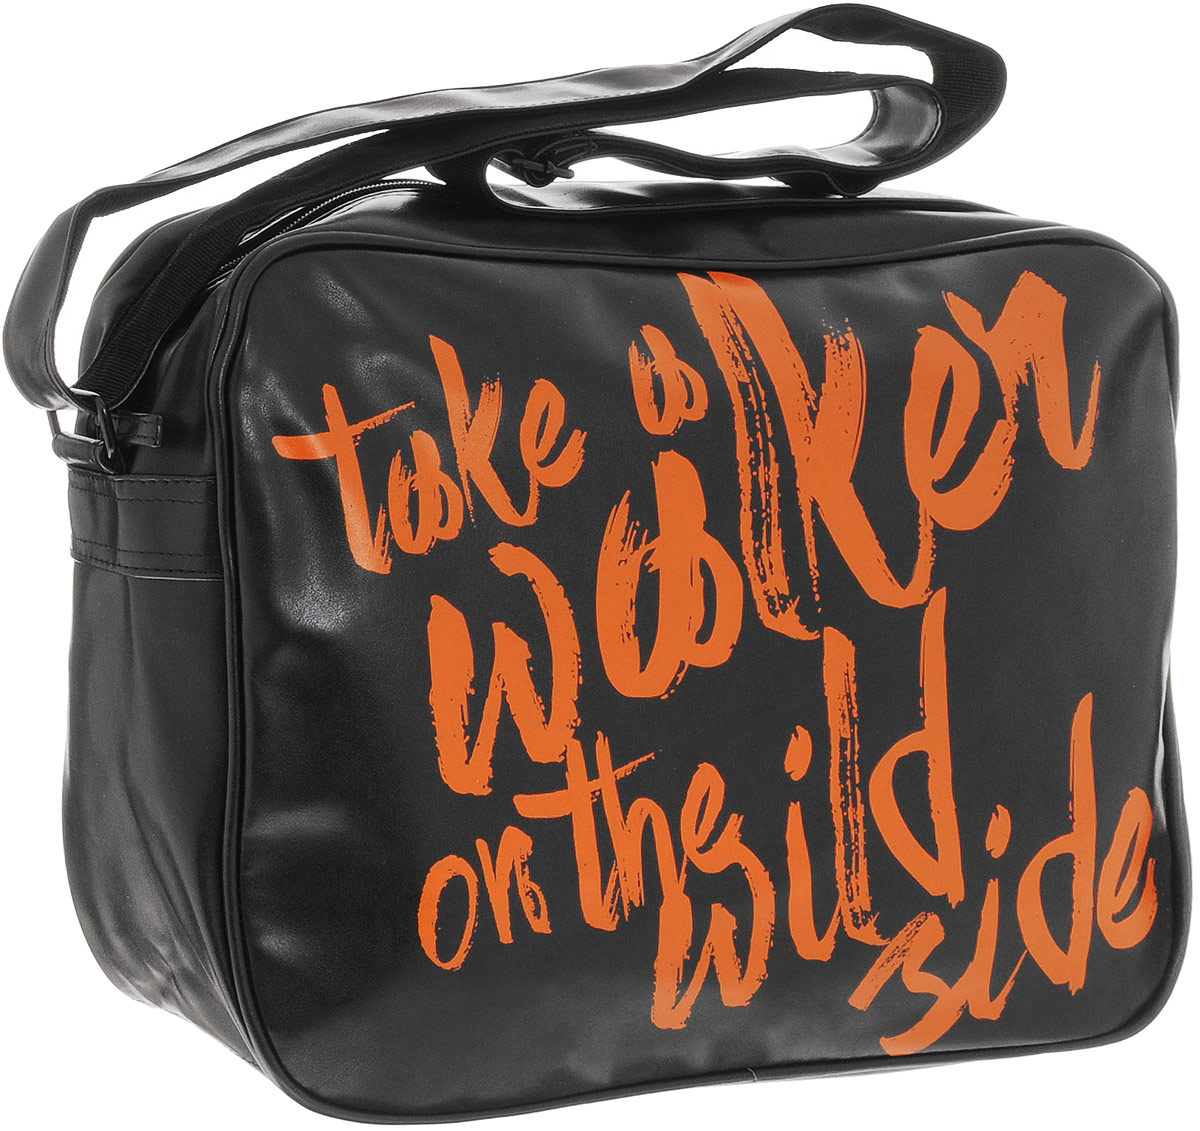 Walker Сумка школьная Fun Take a Walker42414/55Школьная сумка Walker Fun Take a Walker выполнена из прочного износостойкого полиуретана черного цвета с яркими надписями. Сумка состоит из одного отделения, которое закрывается на застежку-молнию. Внутри отделения расположены два открытых накладных кармашка. Задняя сторона сумки дополнена врезным карманом на молнии. Сумка имеет одну широкую лямку для переноски на плече. Лямка легко регулируется по длине. Прочная и вместительная сумка Fun Take a Walker смотрится элегантно в любой ситуации. Идеальный выбор для школы, университета или досуга.